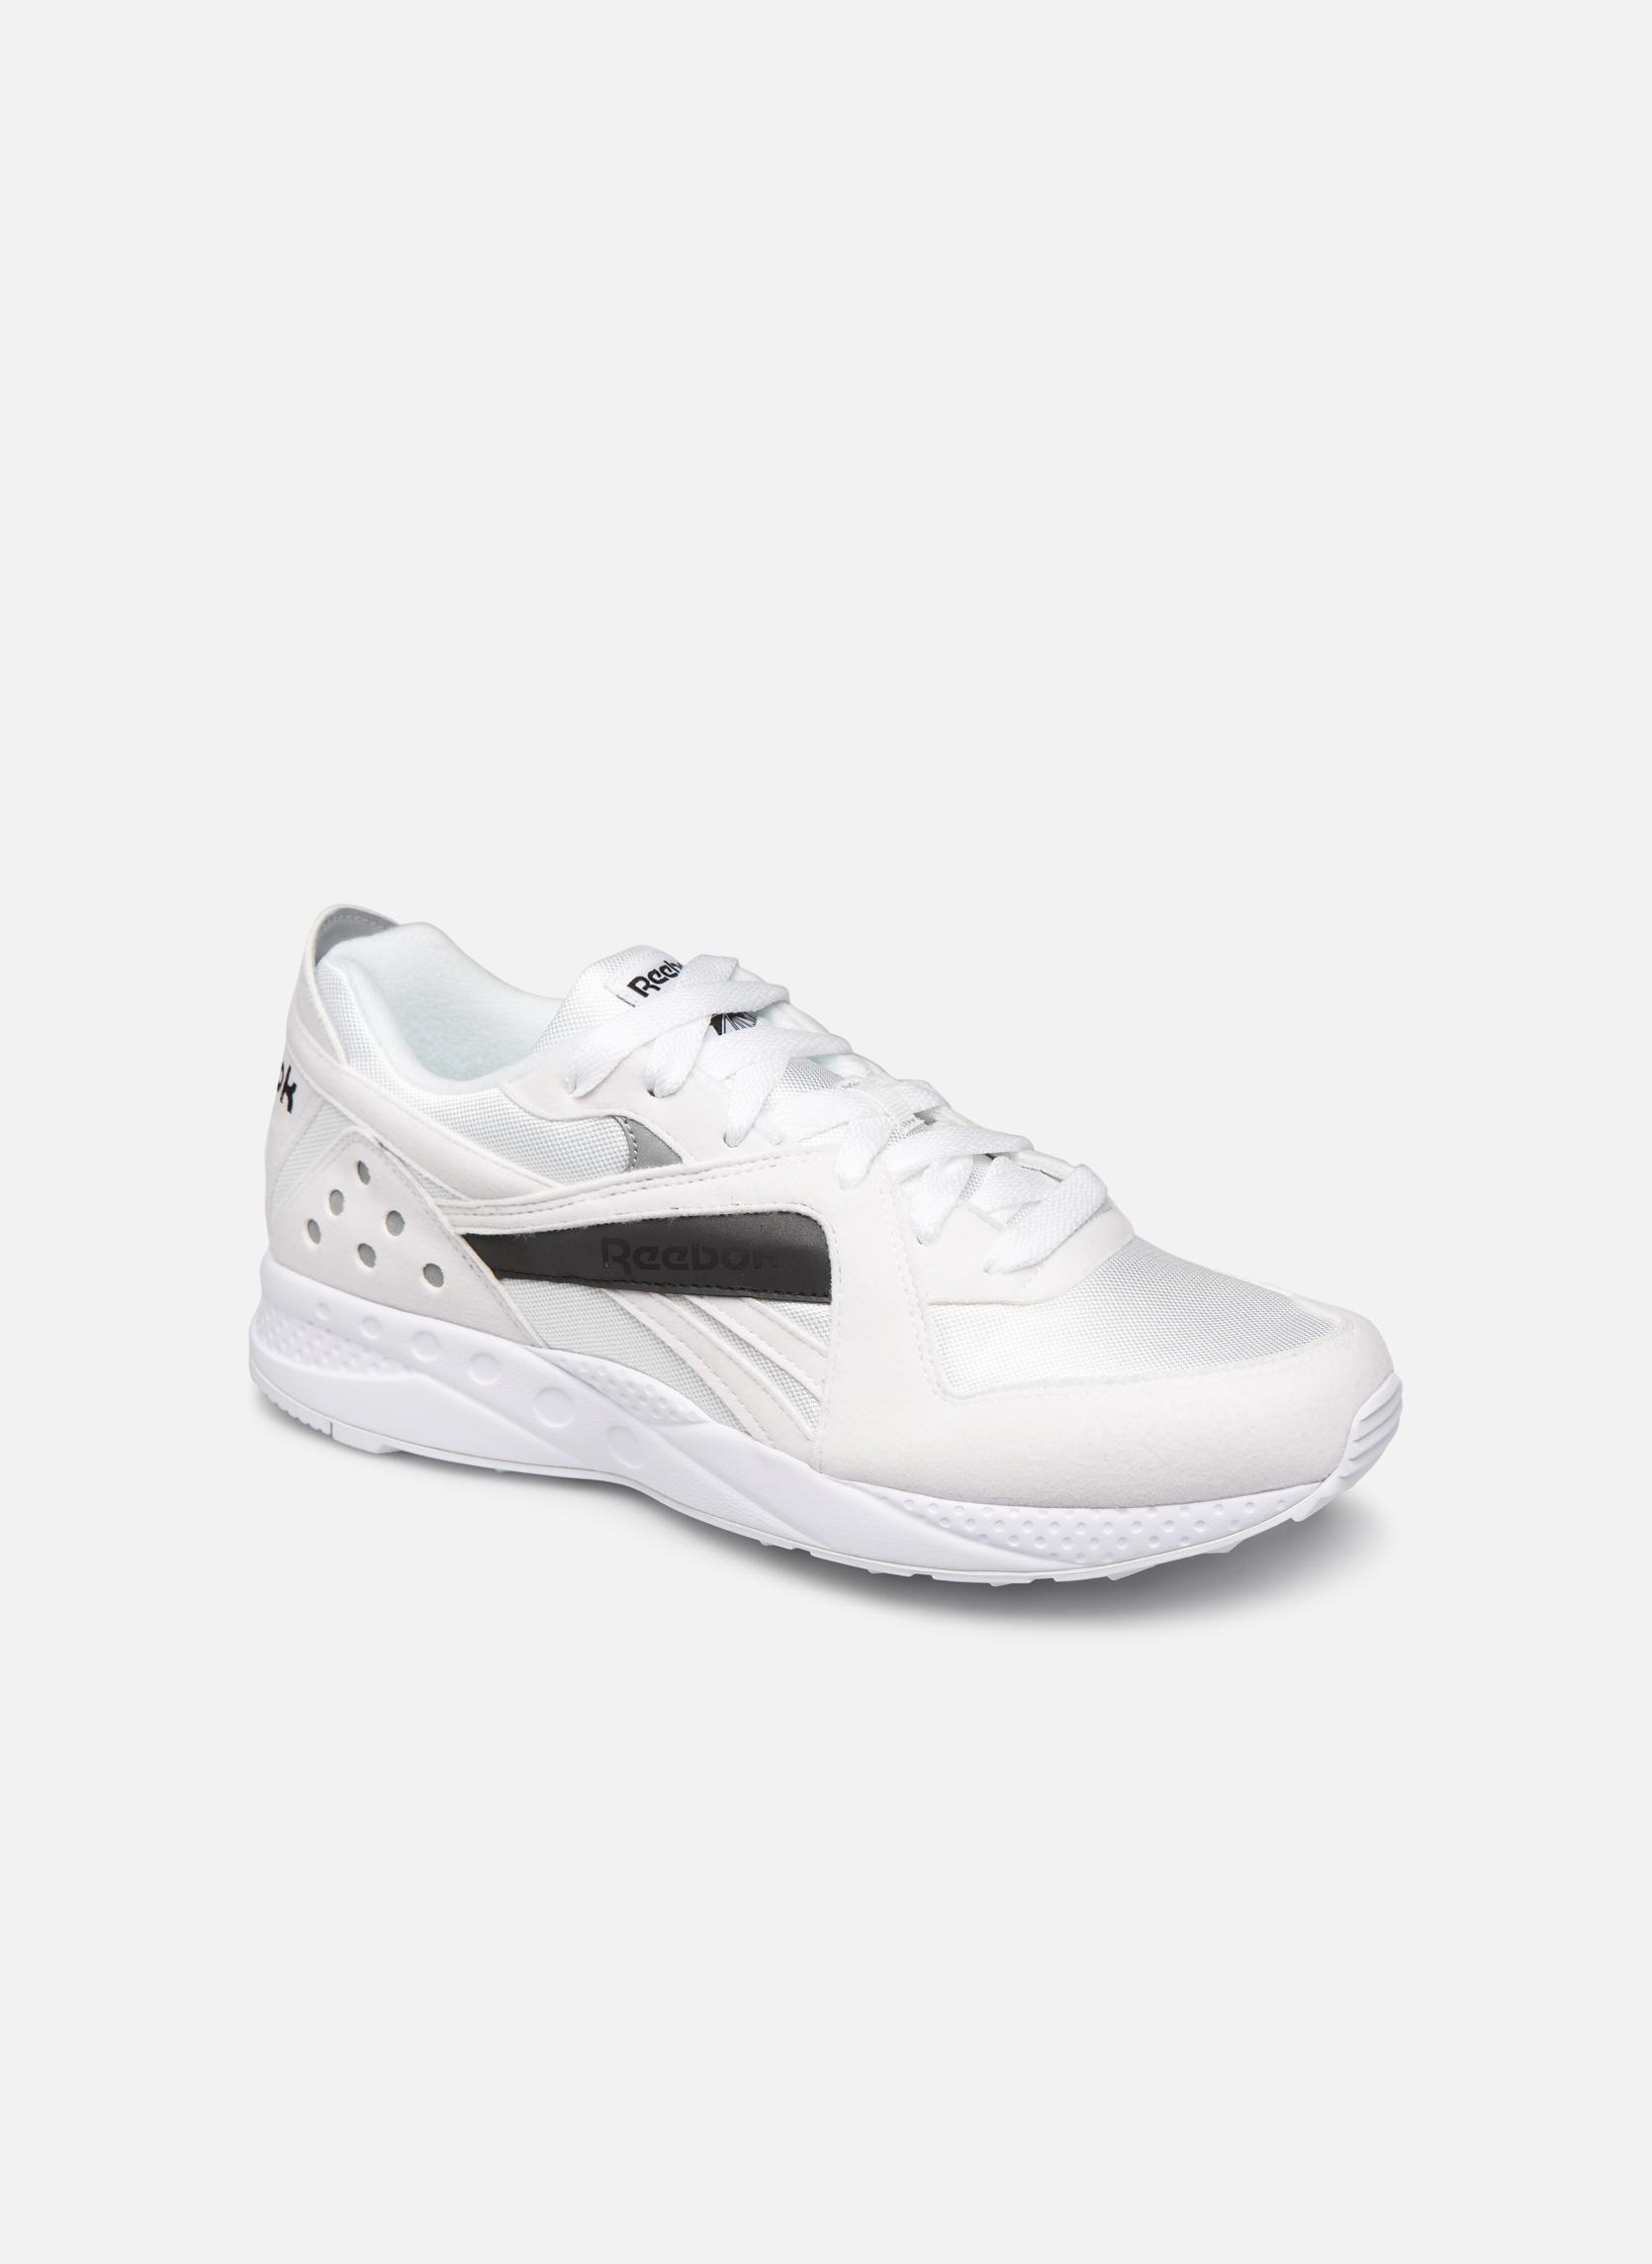 Sneakers Pyro M by Reebok